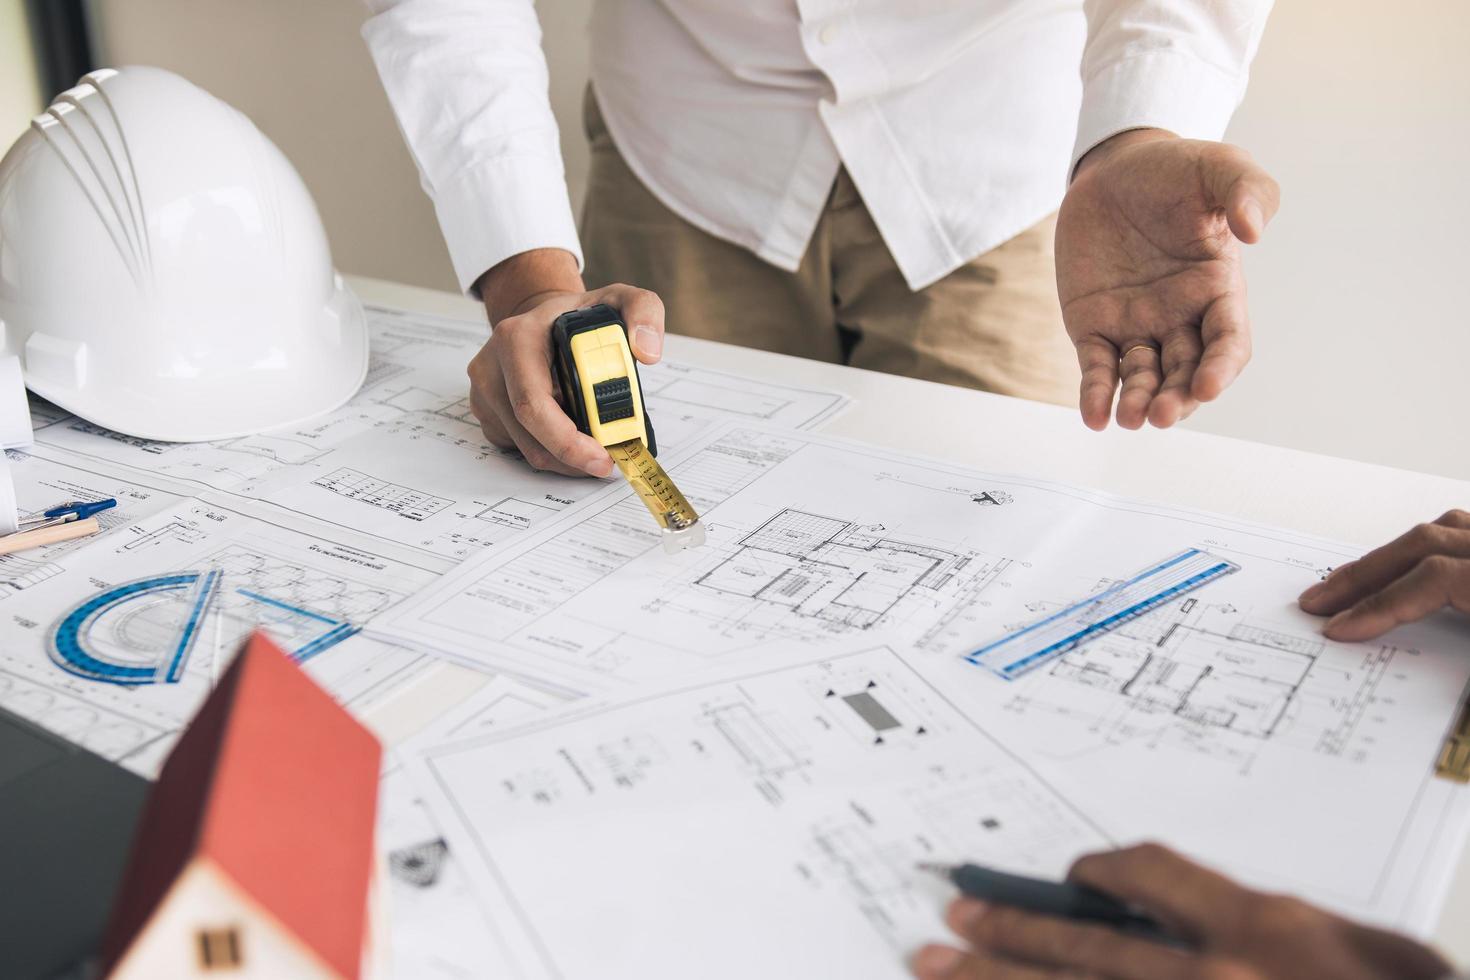 dos arquitectos trabajando en proyecto de construcción foto